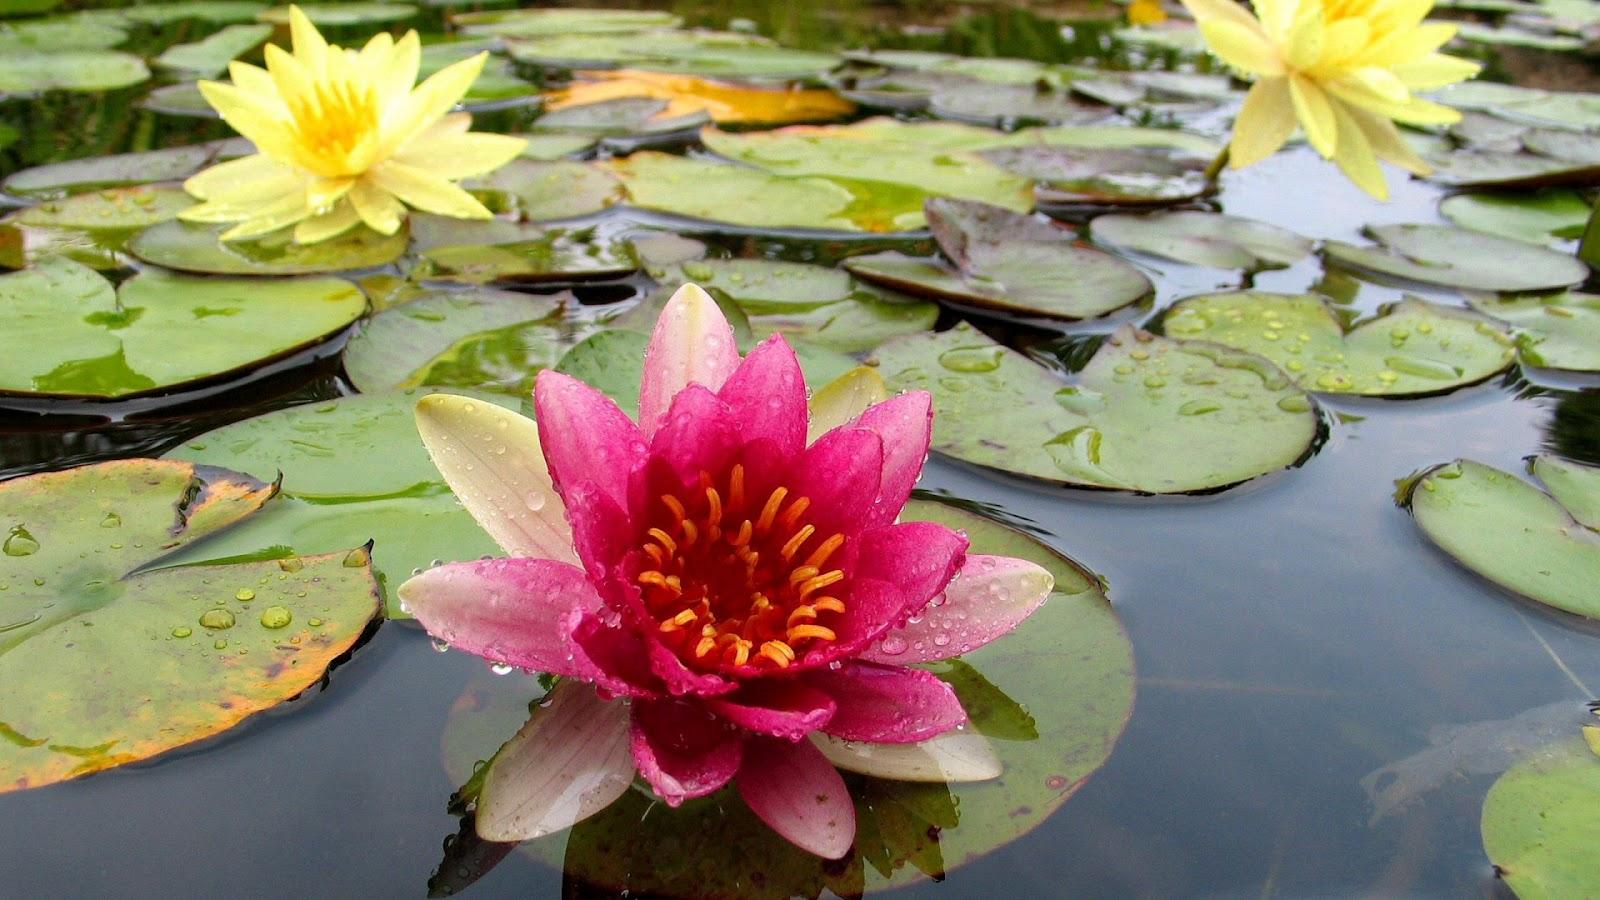 http://1.bp.blogspot.com/-9-gXDYrGVKk/T0a5LZYwOmI/AAAAAAAADu4/JdnAIA1X7Gg/s1600/Pink+Water+Lily+HD+Wallpaper+1920x1080.jpg